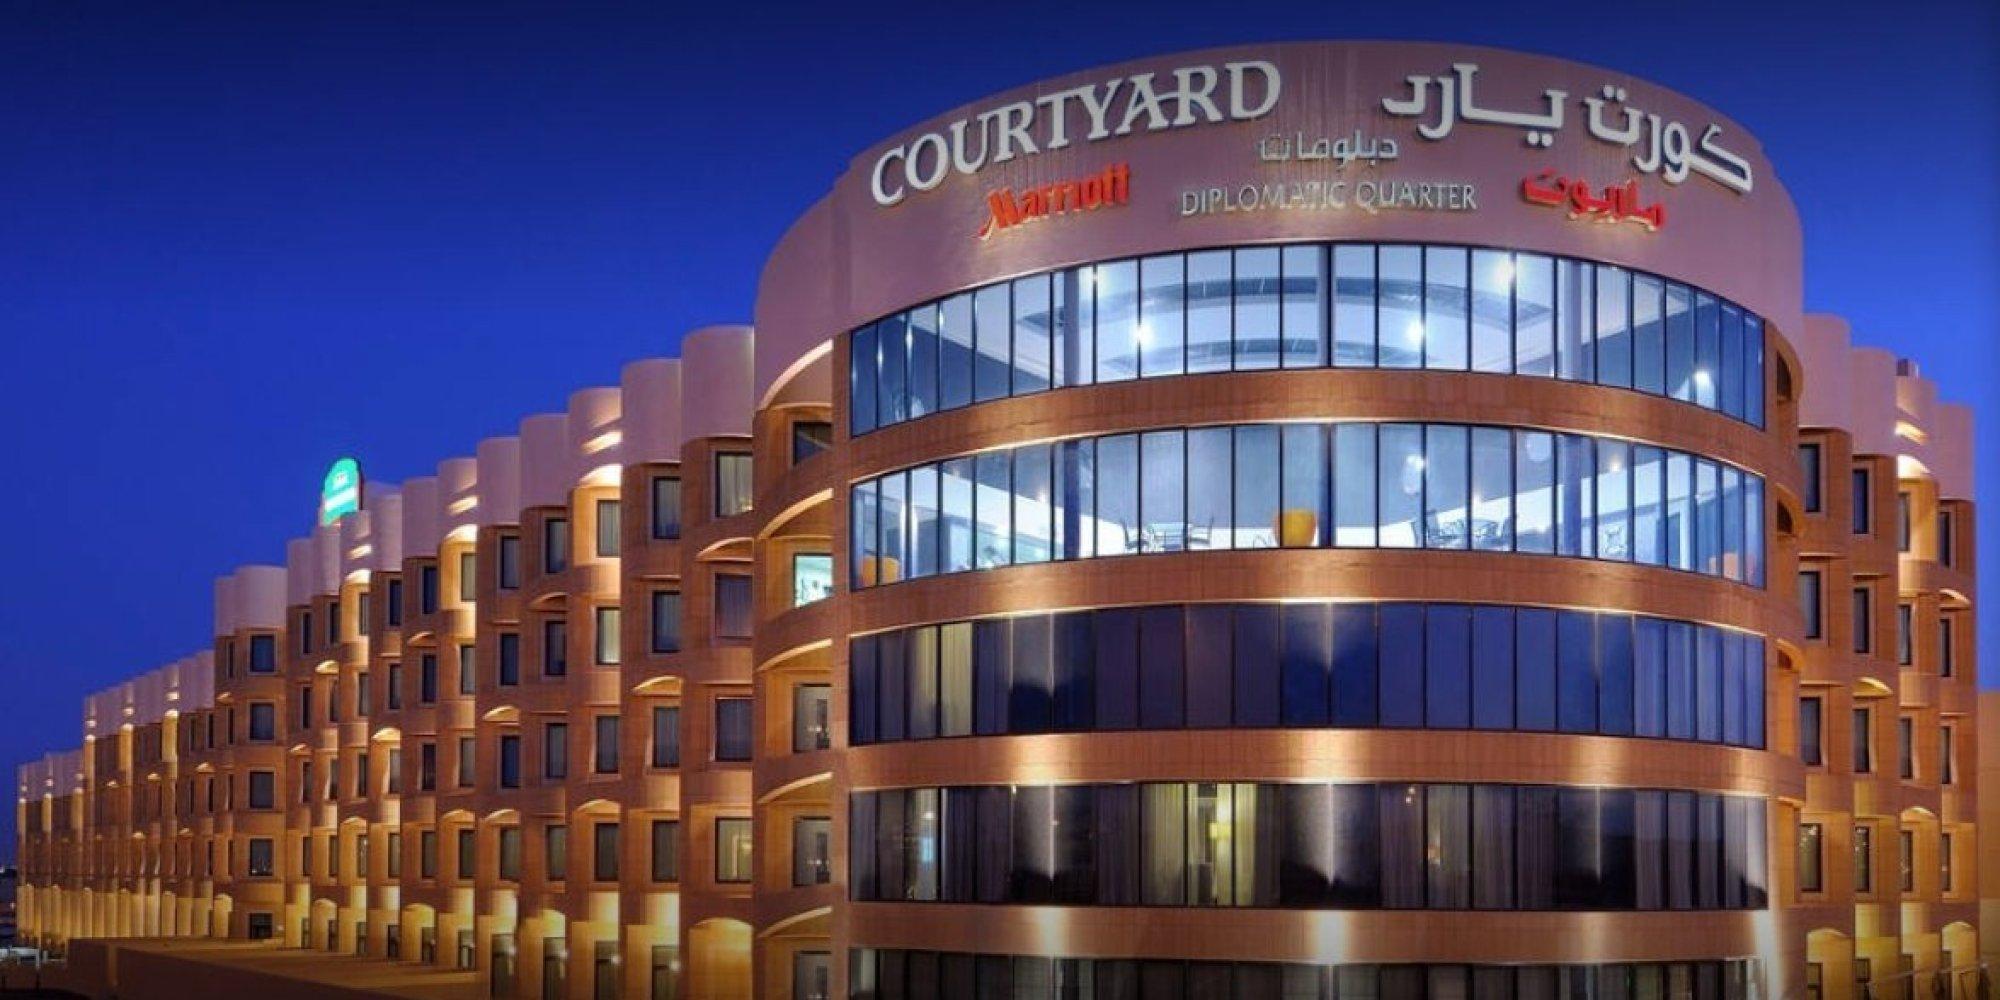 سجن جديد لاستقبال المعتقلين الجدد في السعودية.. لكن هذه المرة فندق 4 نجوم